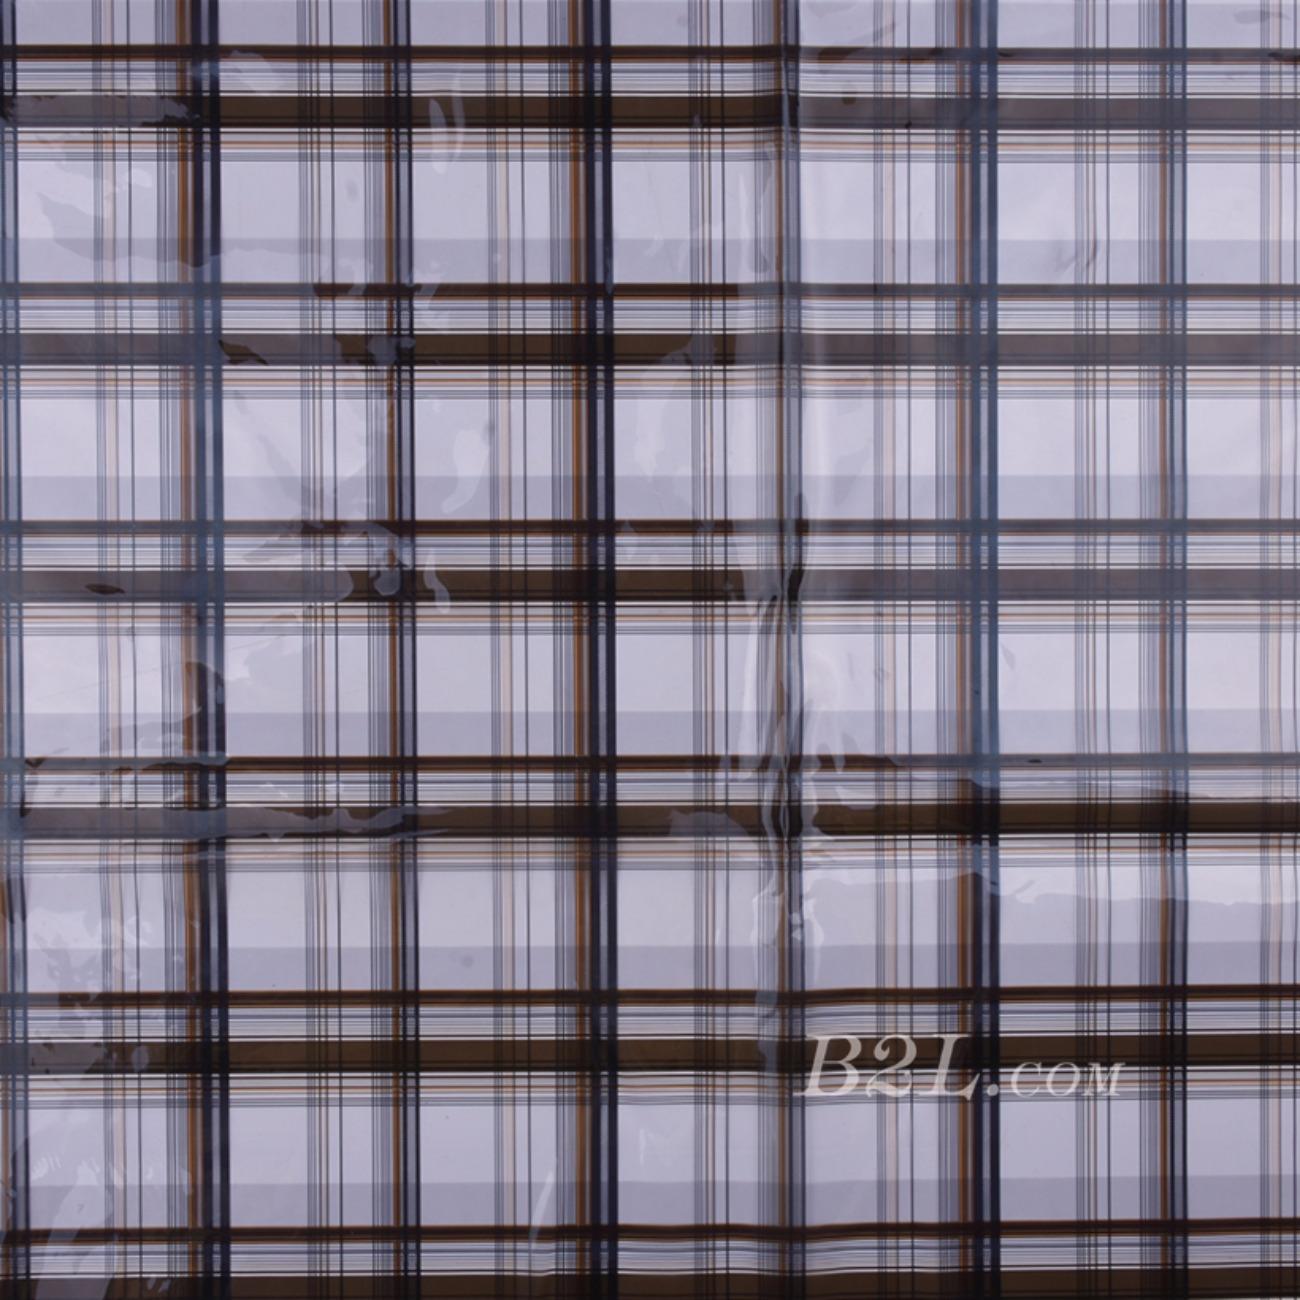 印花 PU  胶 格子 雨衣 外套 包包 80517-57